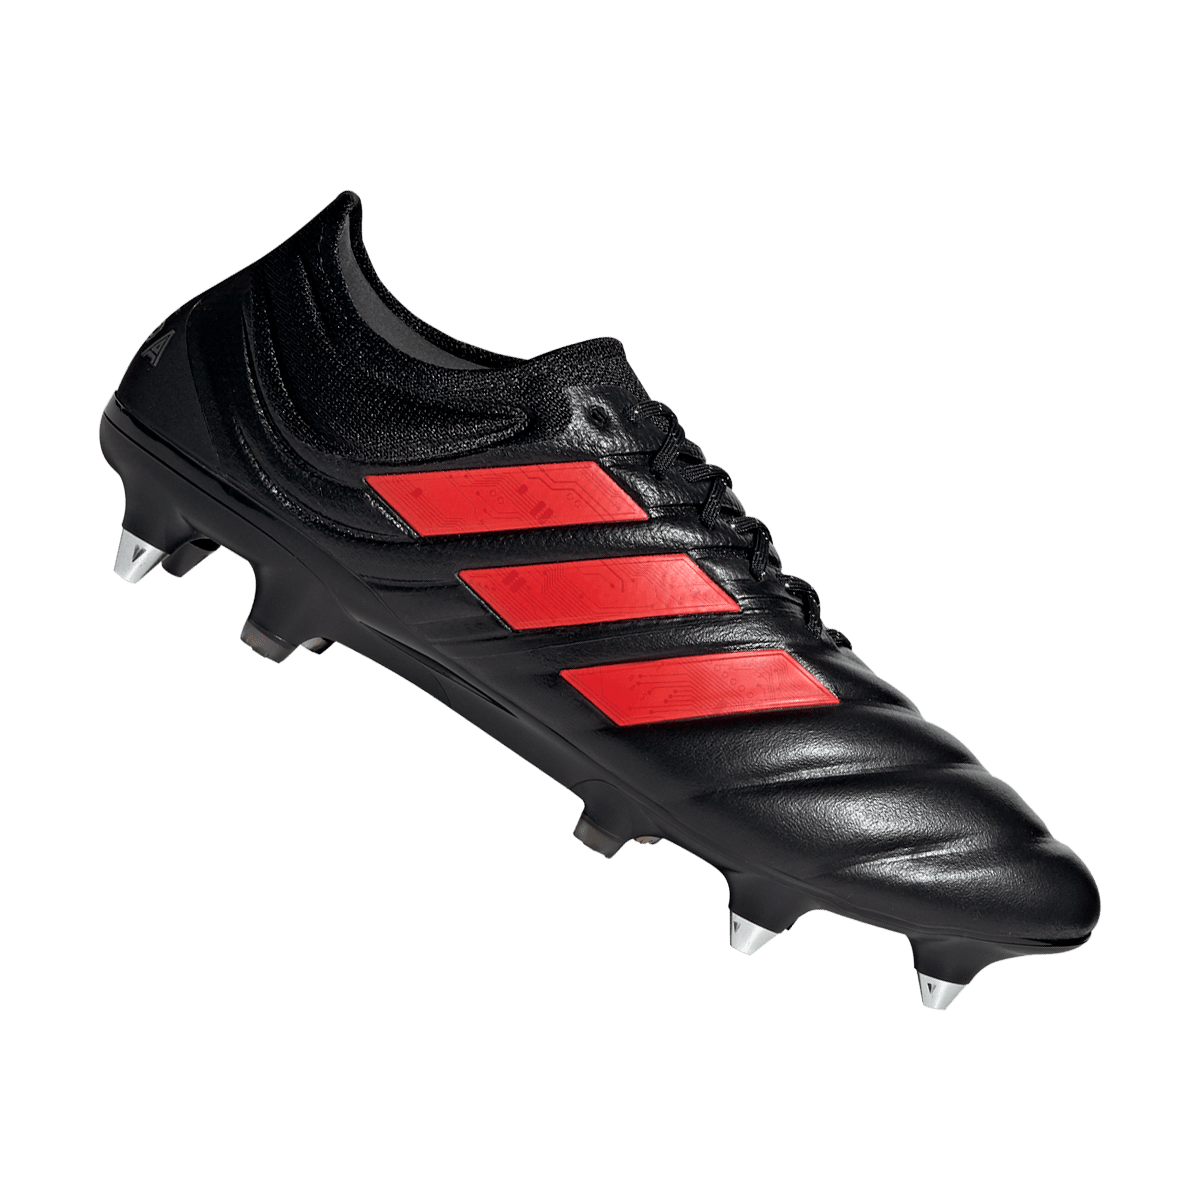 adidas COPA 20+ SG Rot Schwarz | Fußballschuh | Stollen | Rasen